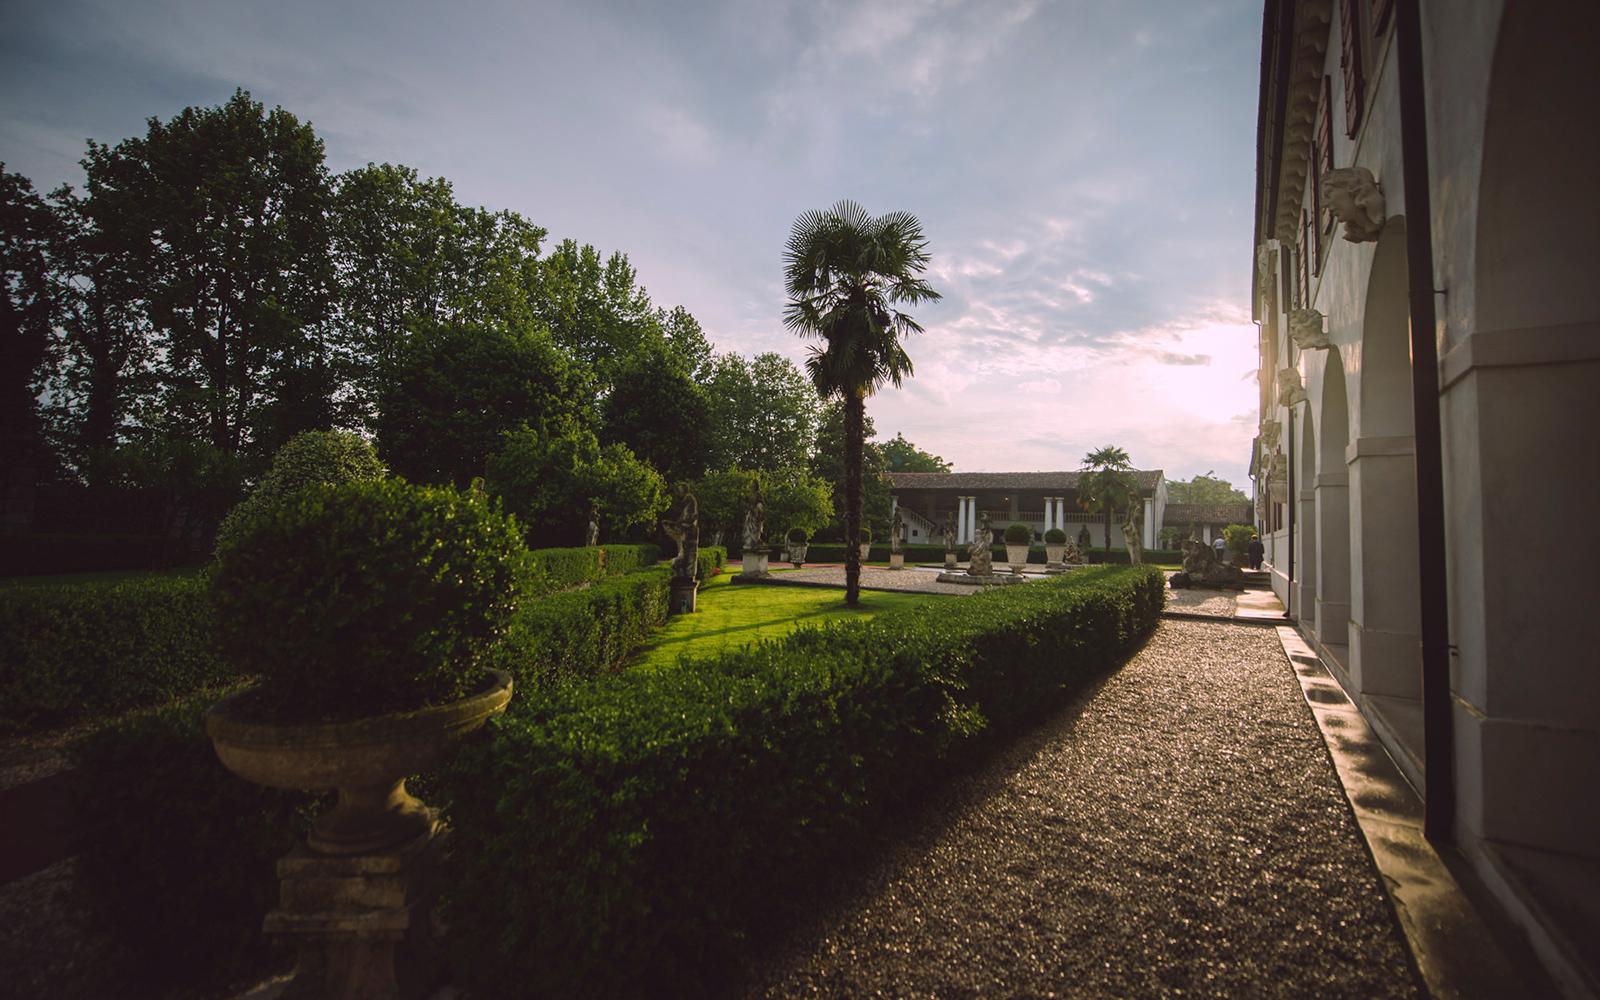 giardino esterno per eventi Vicenza, spazio esterno per eventi Vicenza, giardino esterno matrimonio Vicenza, giardino esterno matrimonio Padova, giardino per shooting